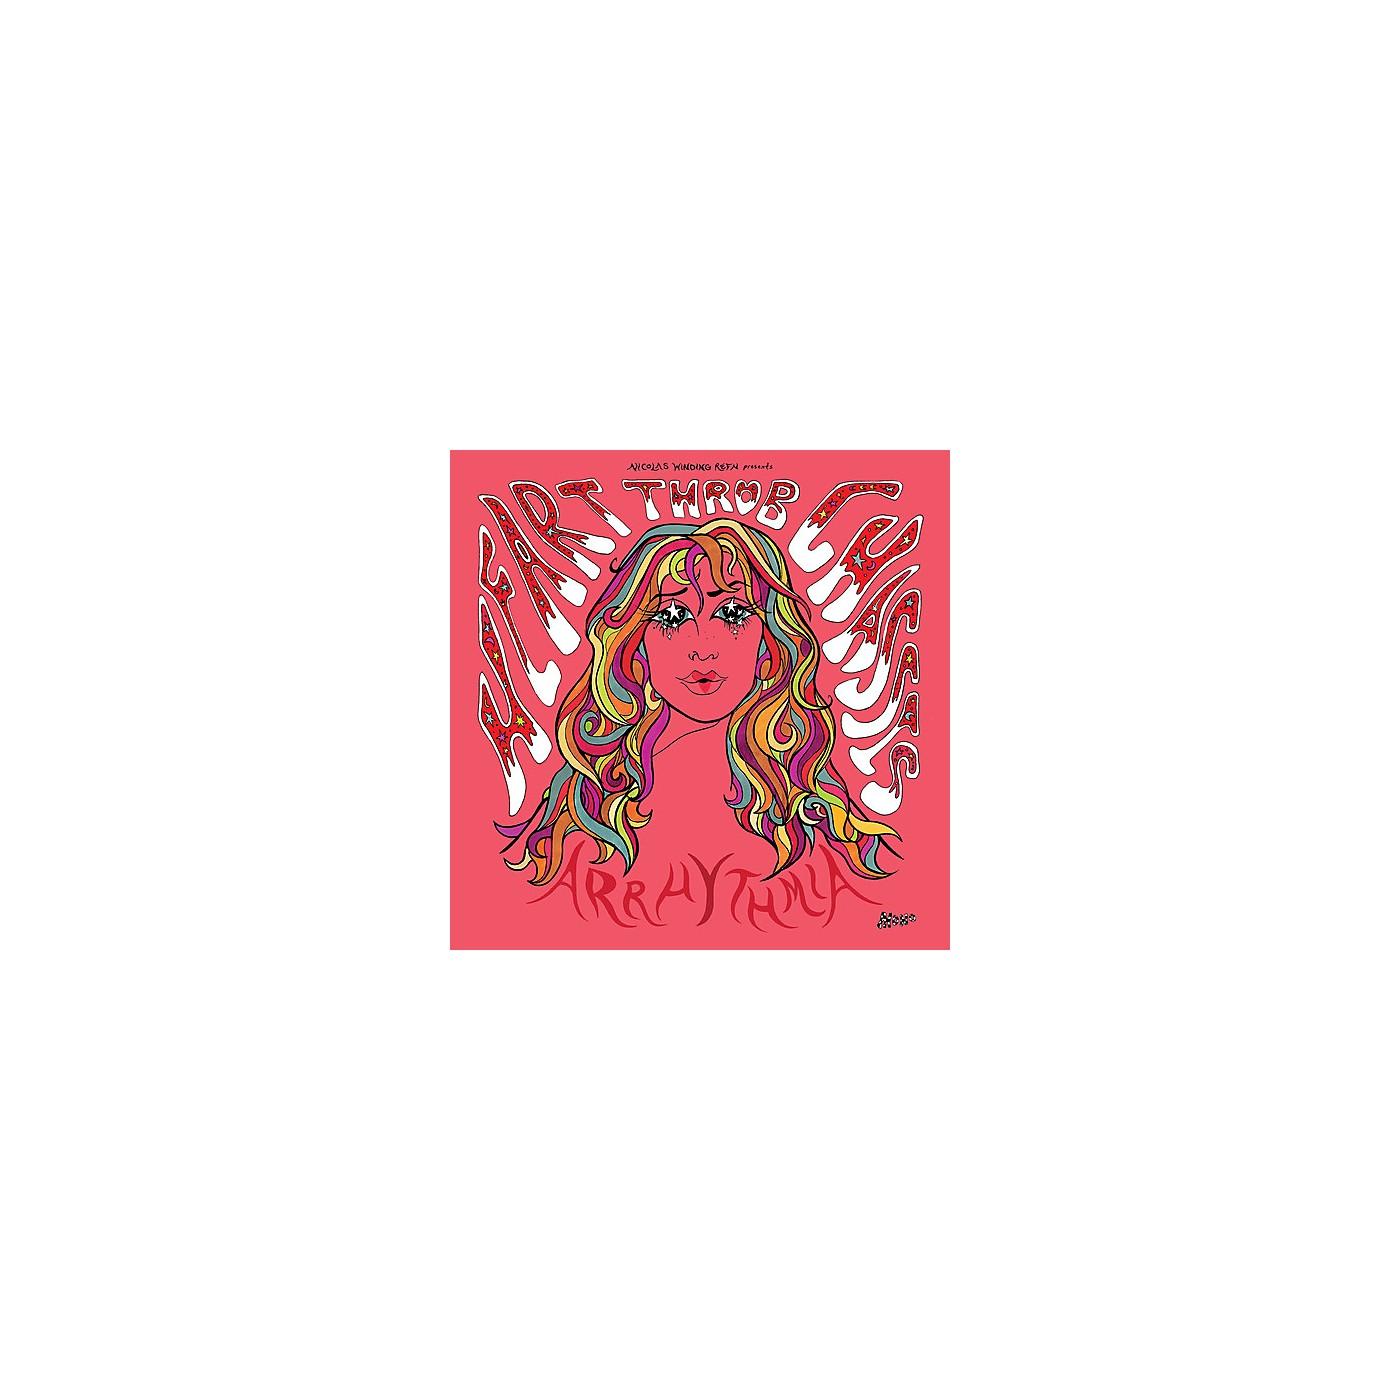 Alliance Heartthrob Chassis - Arrhythmia thumbnail